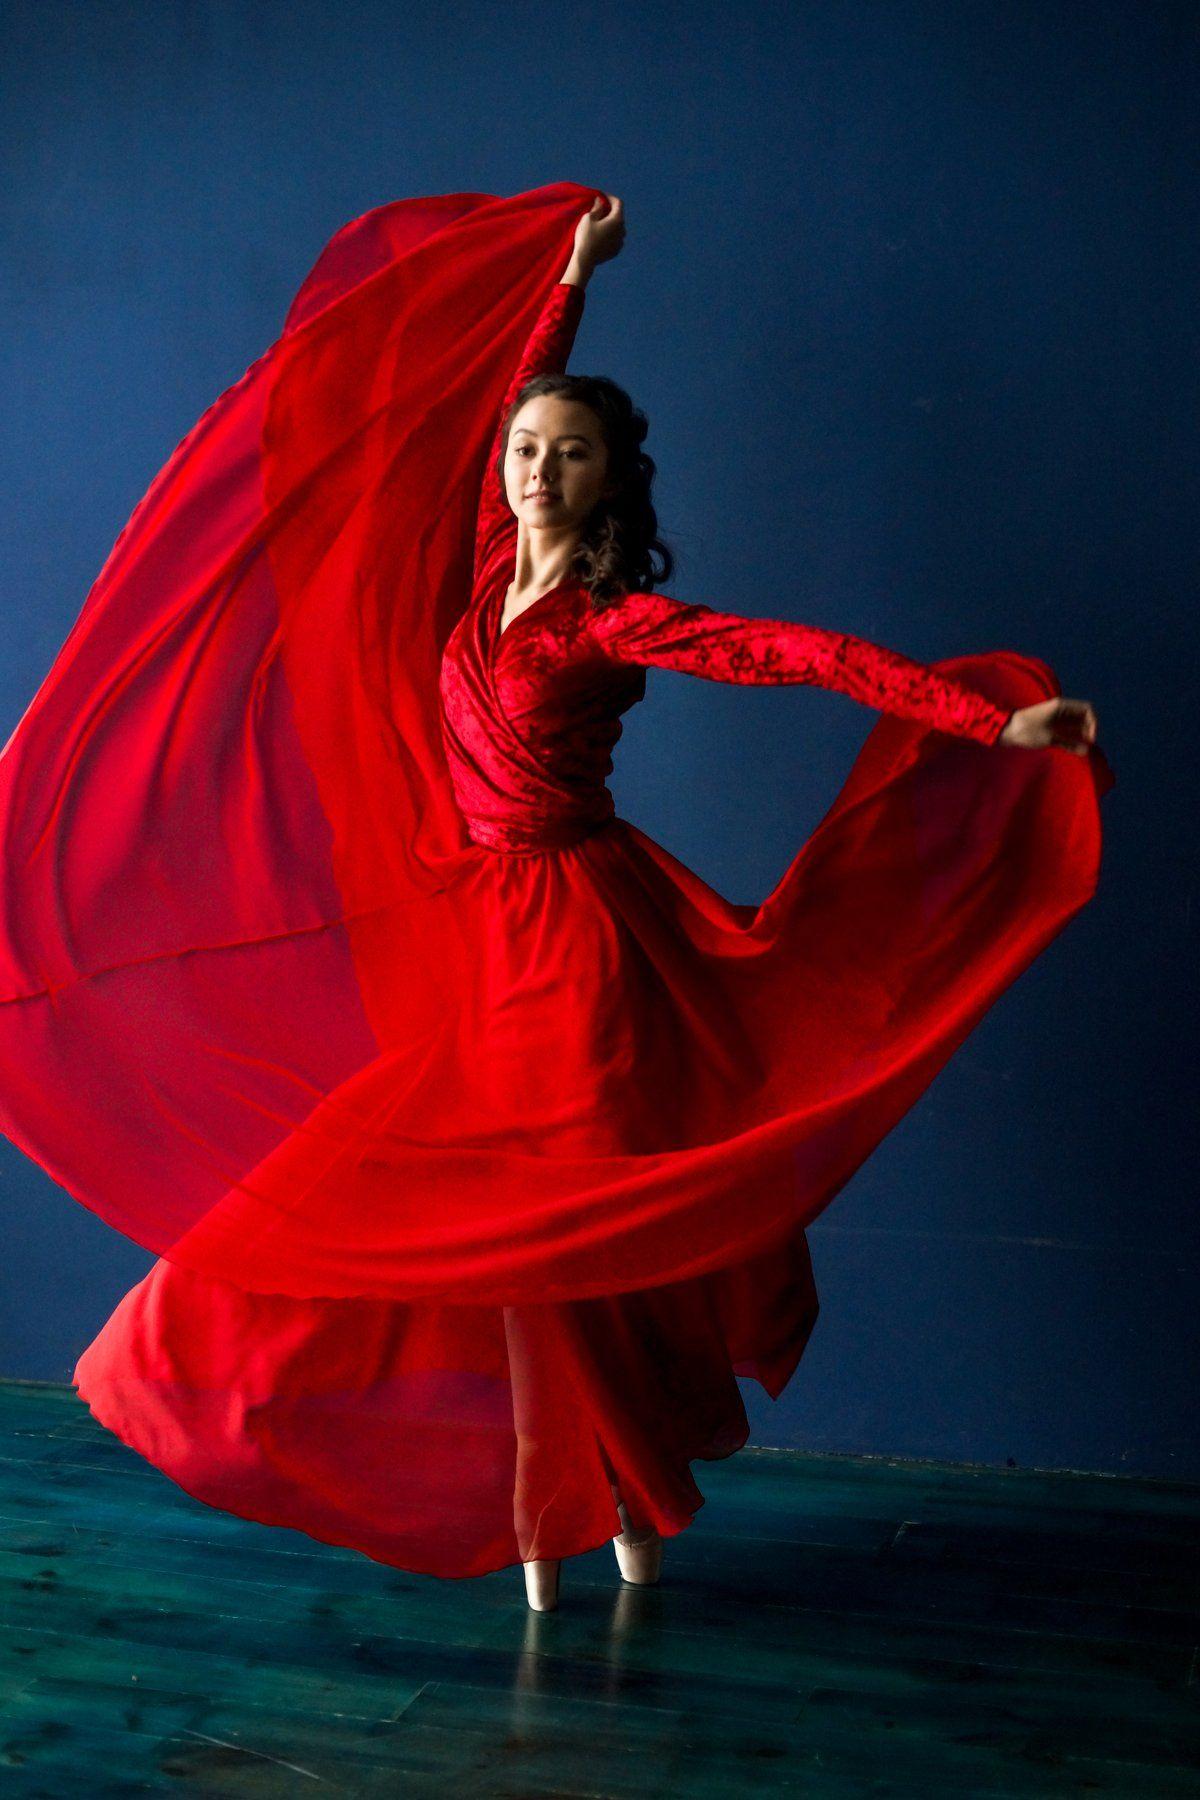 балет, балерина, студия, цвет, синий, платье, шифон, артист, танец, красный, Анна